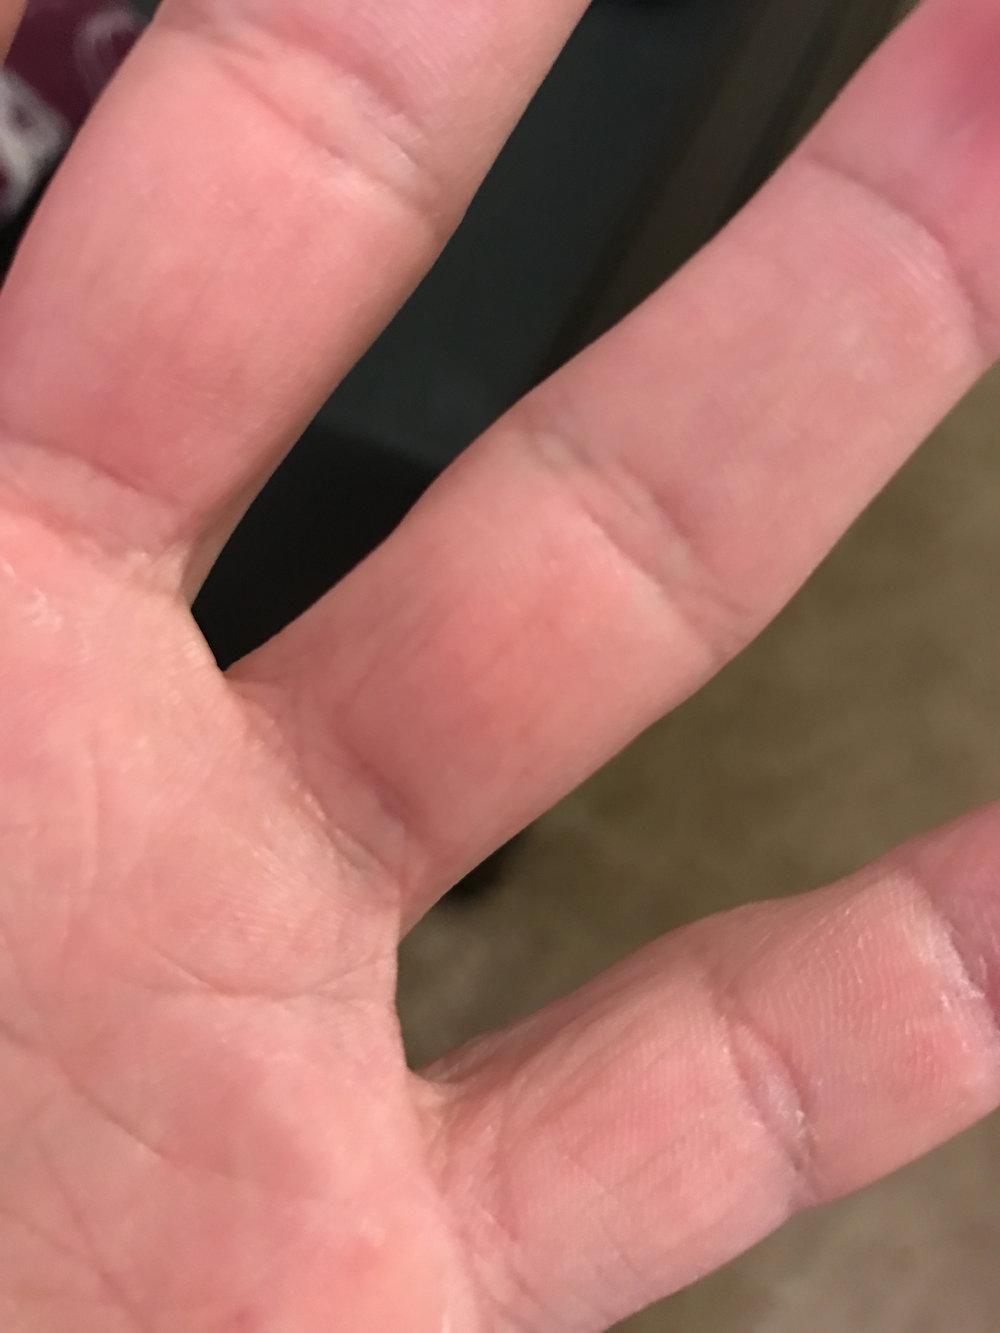 My left hand.